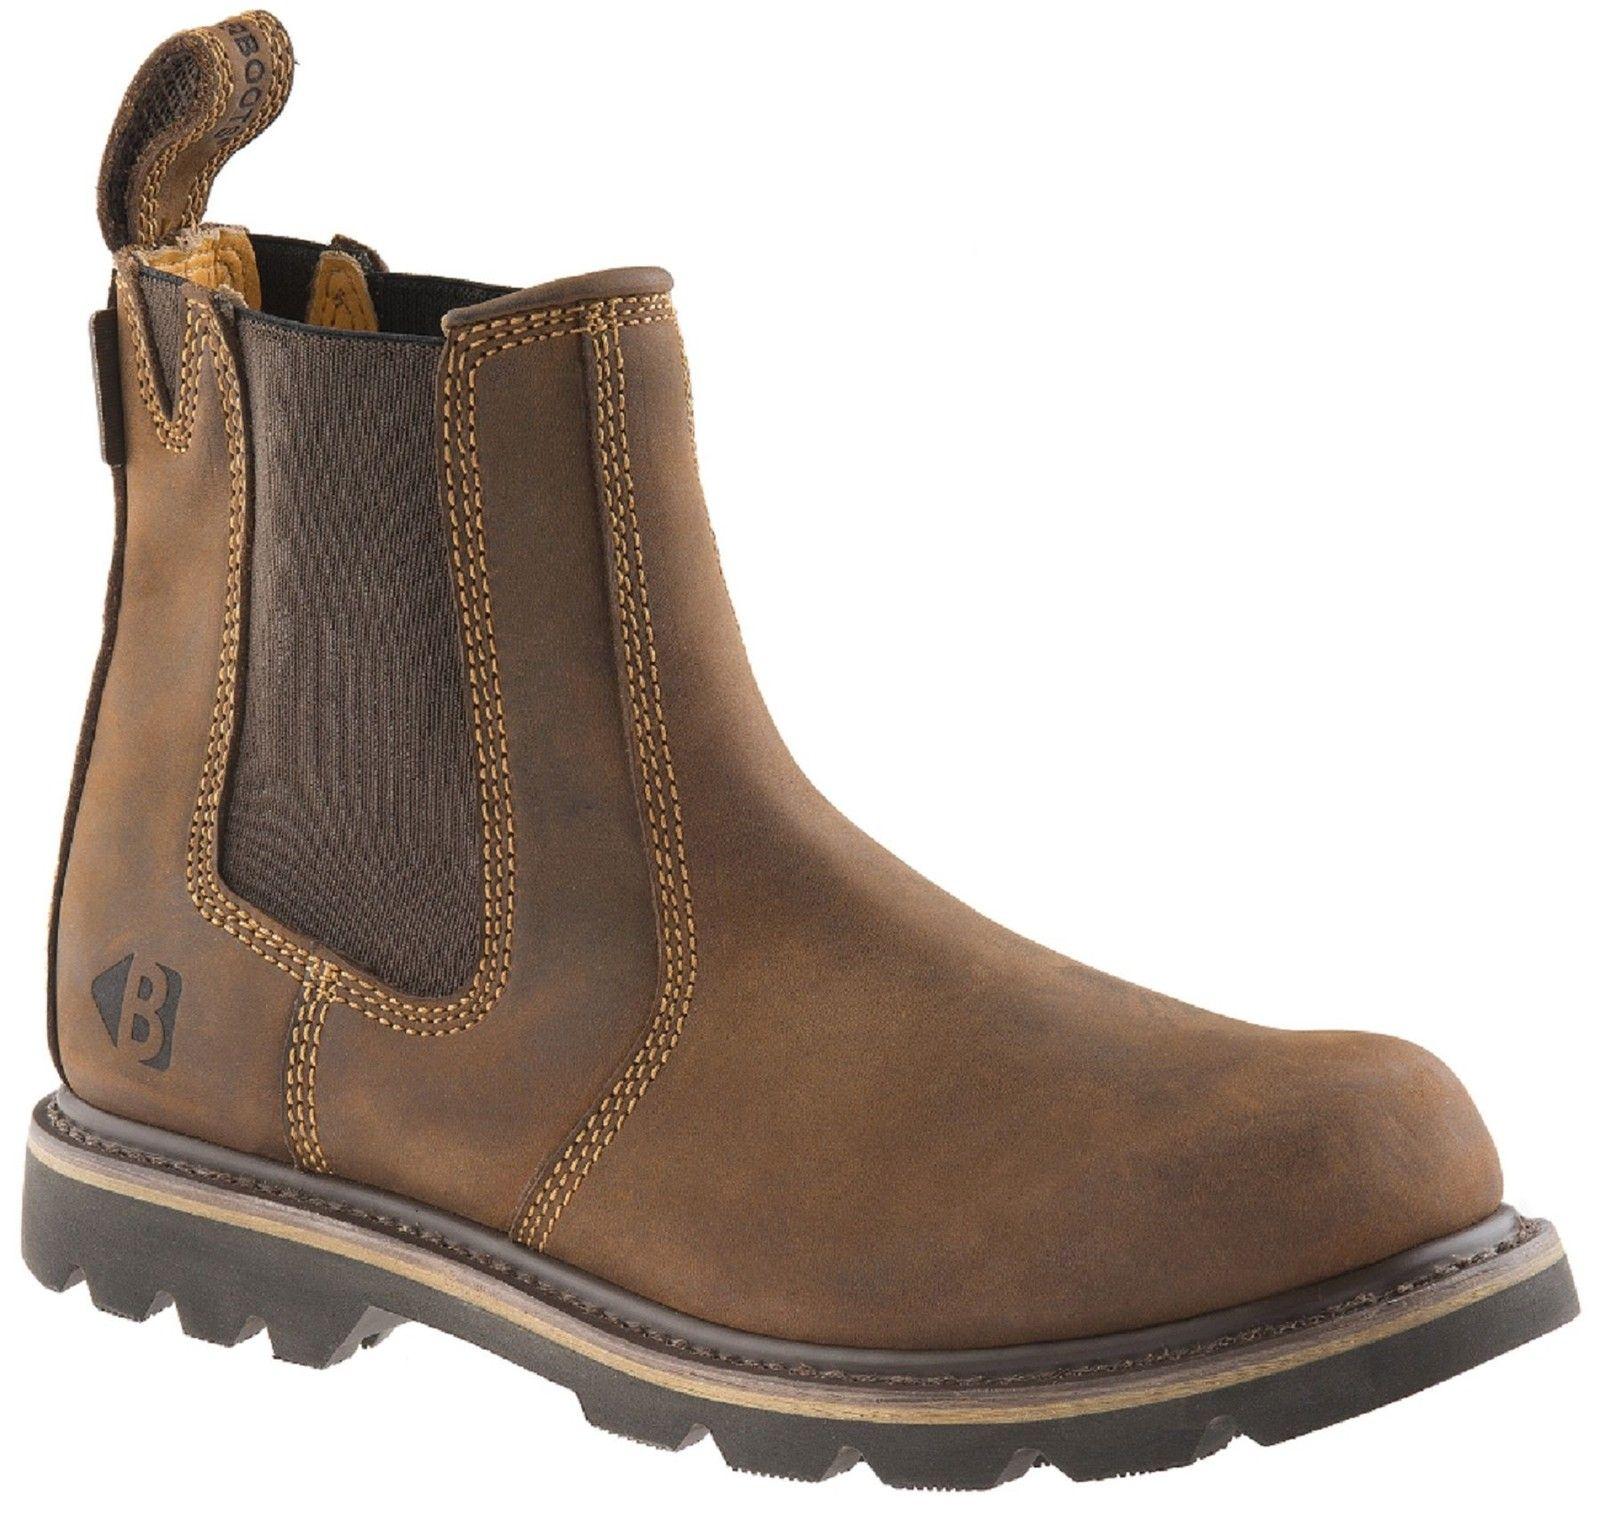 Buckler B1300 dark K3 brown crazy horse leather K3 dark sole non-safety dealer boot 61d8dc